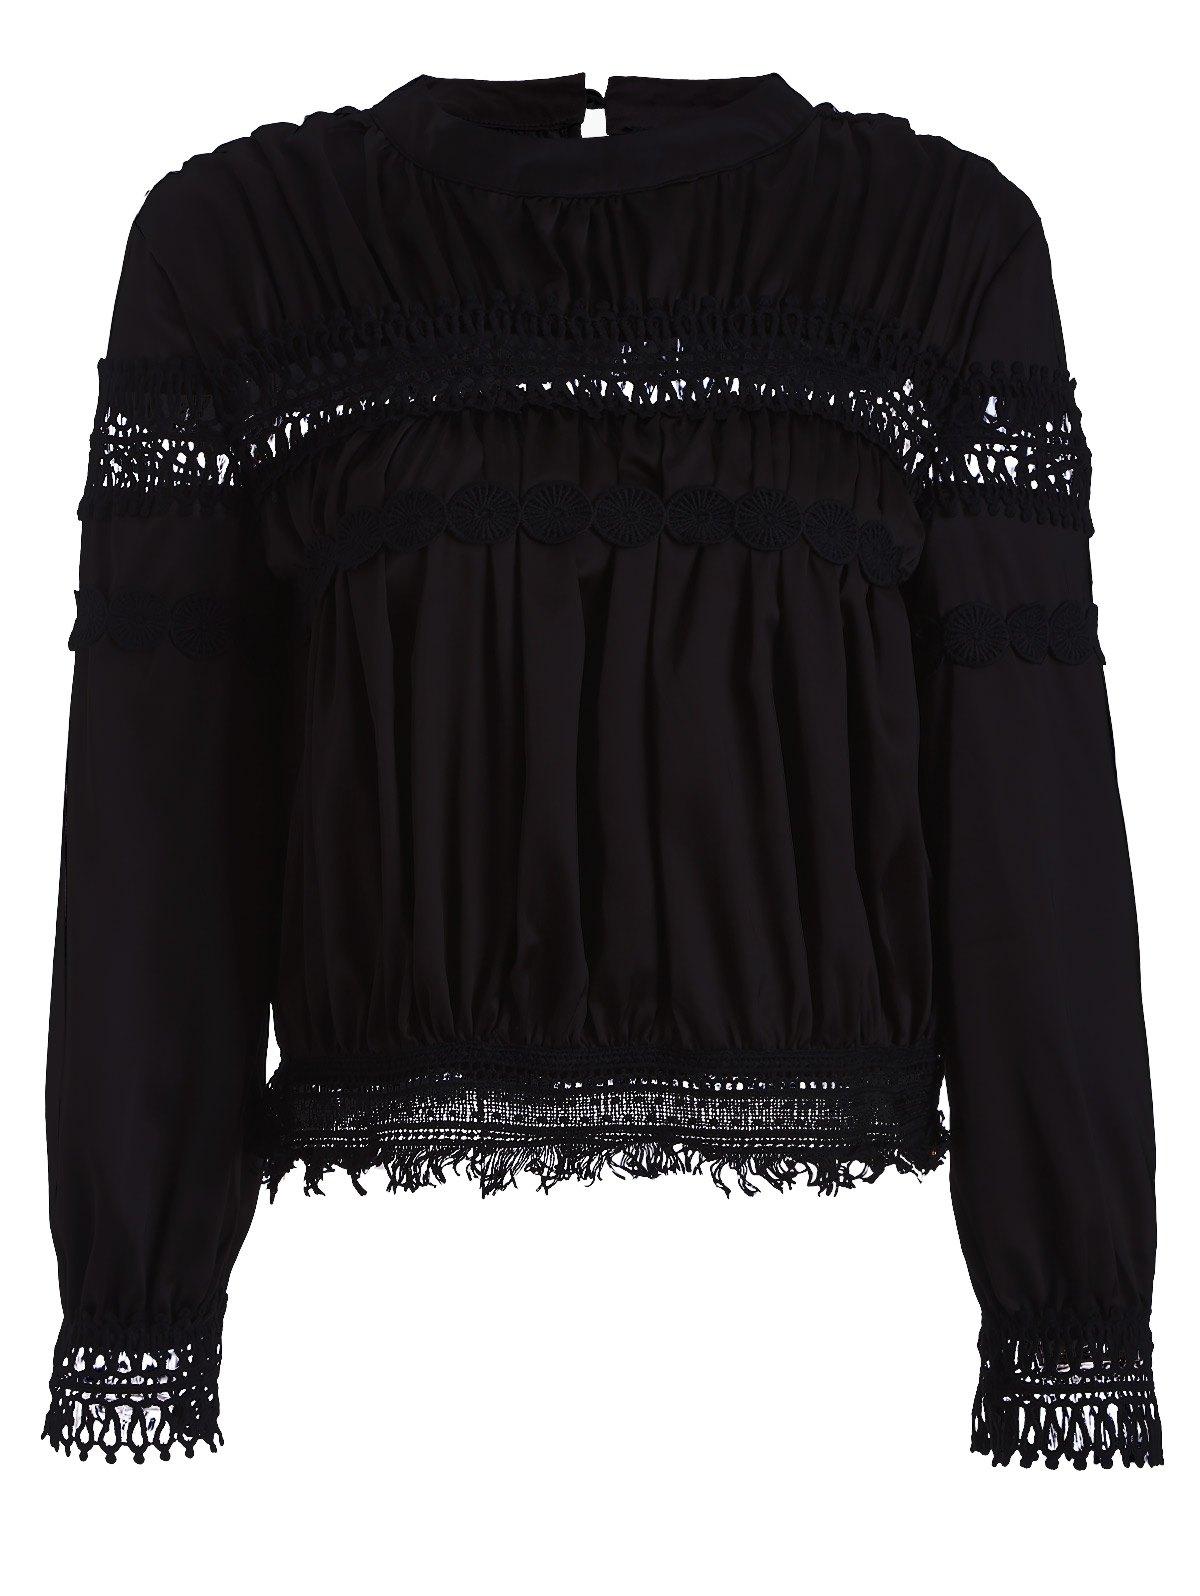 Lace Inset Chiffon BlouseClothes<br><br><br>Size: M<br>Color: BLACK